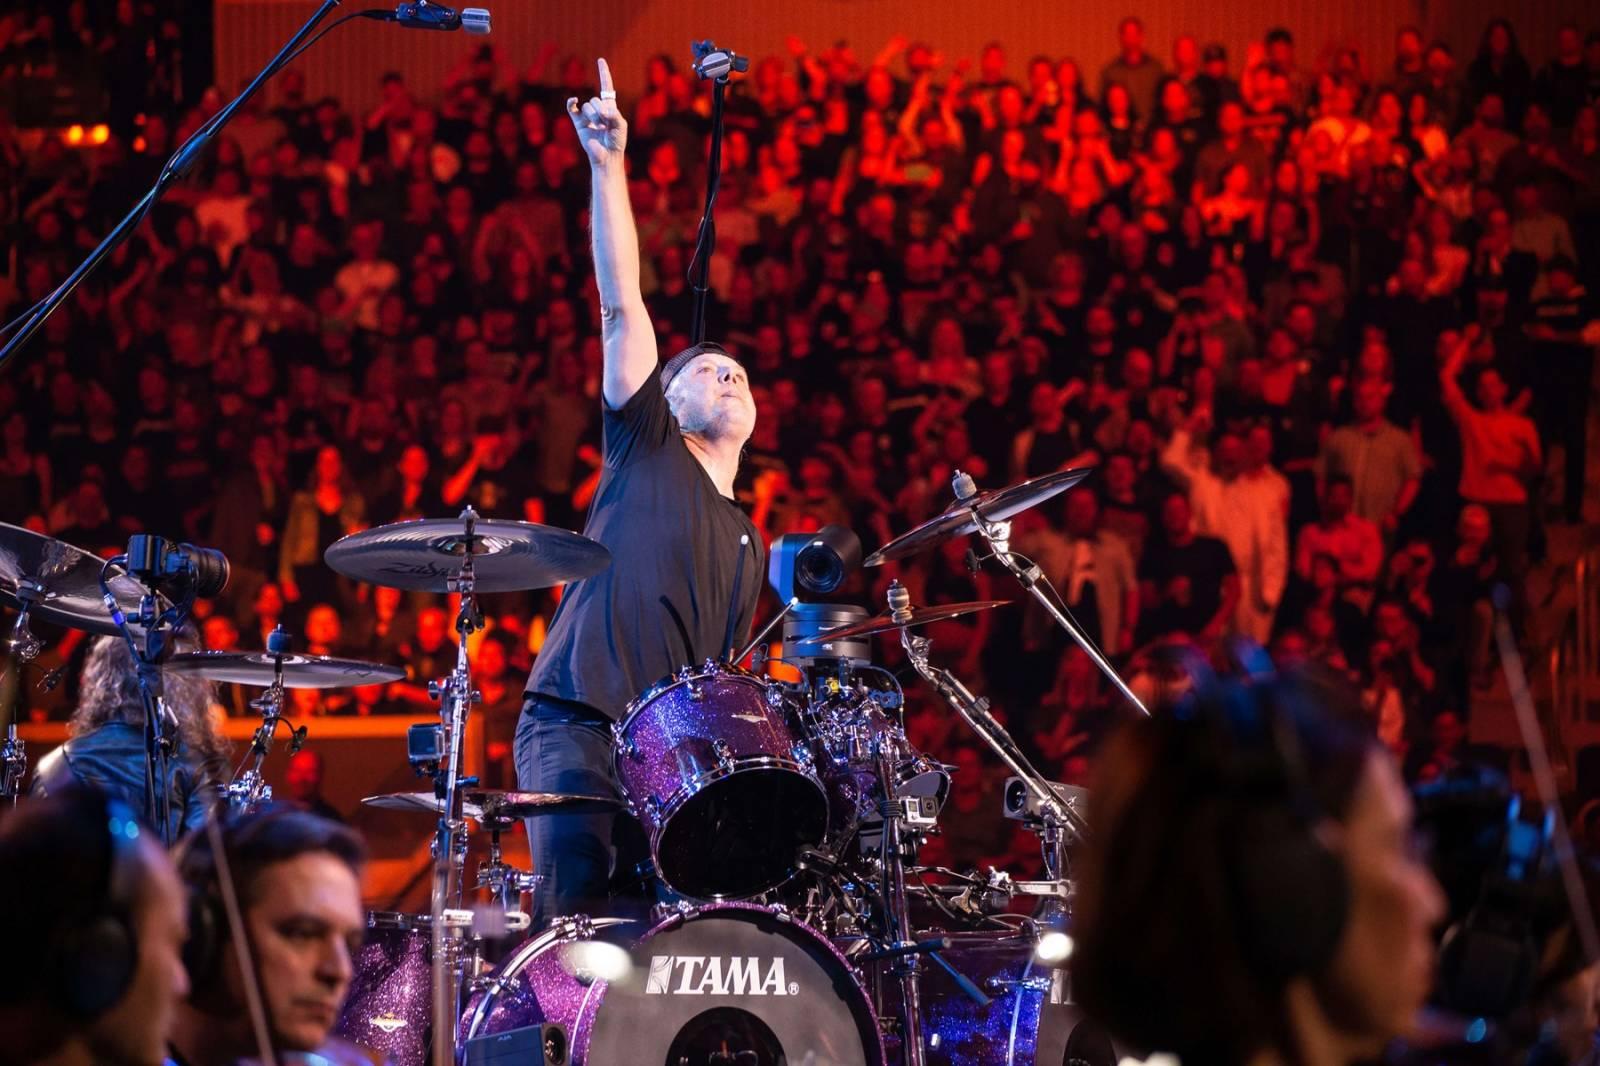 RECENZE: Metallica a San Francisco Symphony podruhé - Odvaha, vize, futurismus a boření hranic